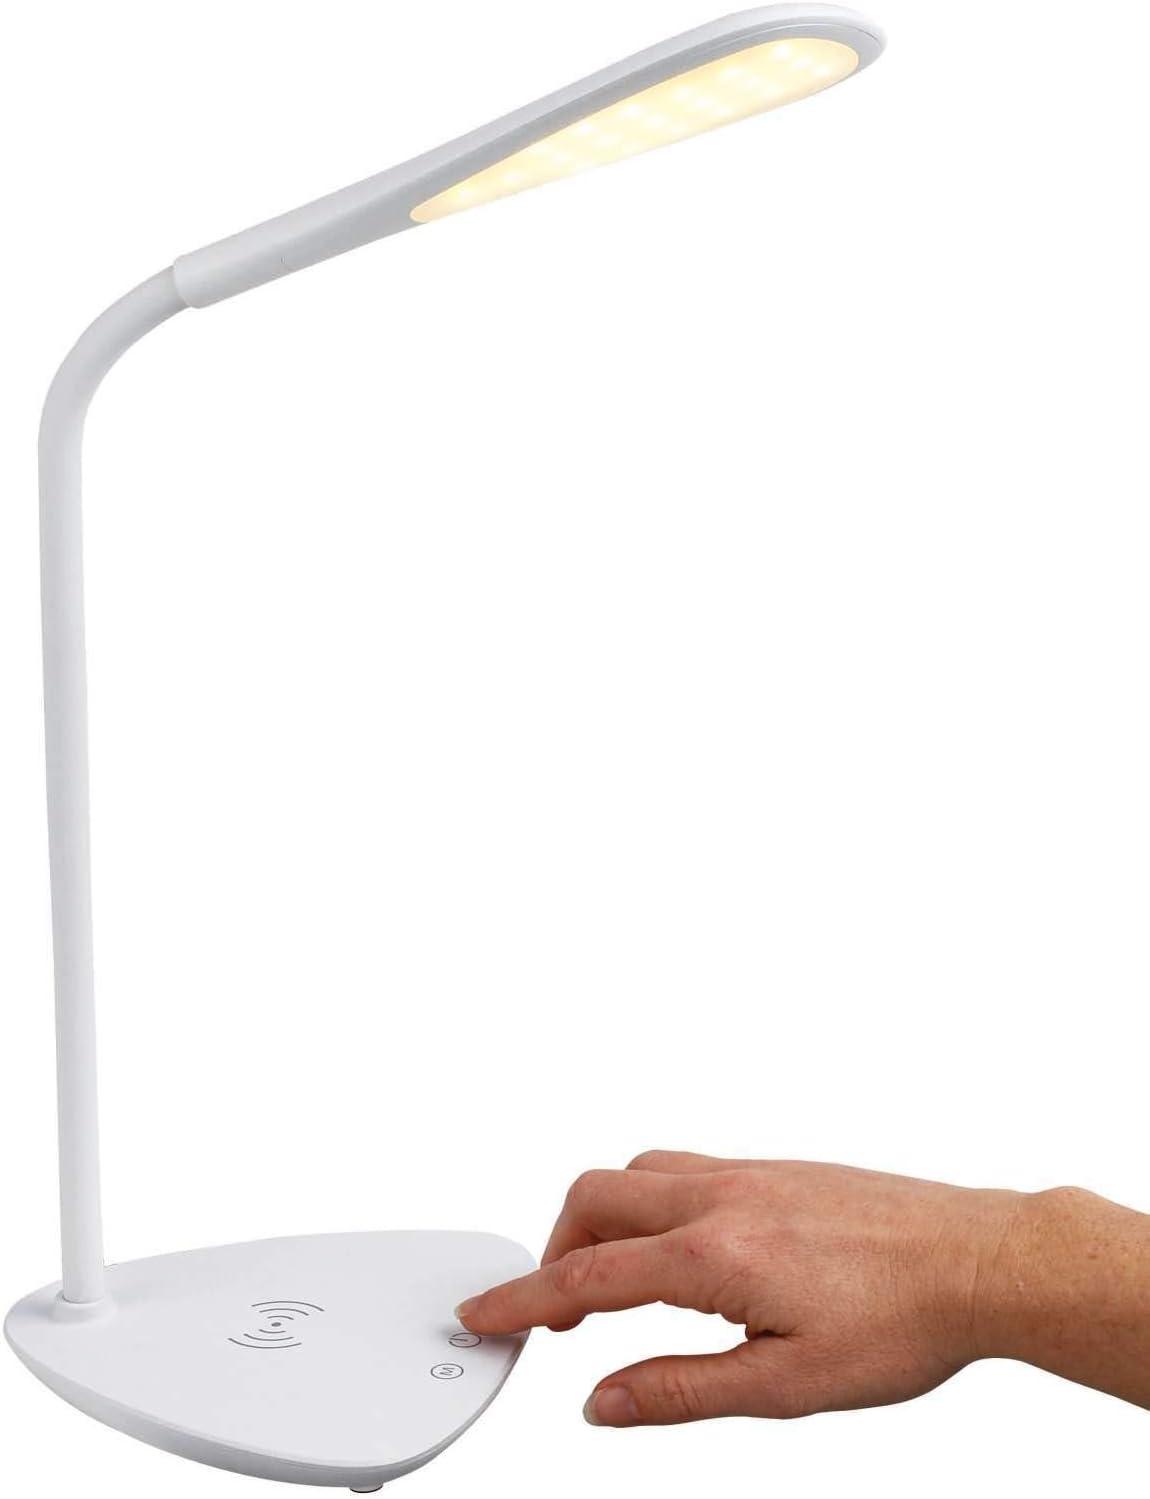 Jsx Nachttischlampe mit USB-Ladeanschluss White Linen Stoffe und Metall-Tischlampe Wireless-Ladeger/ät und Steckdose